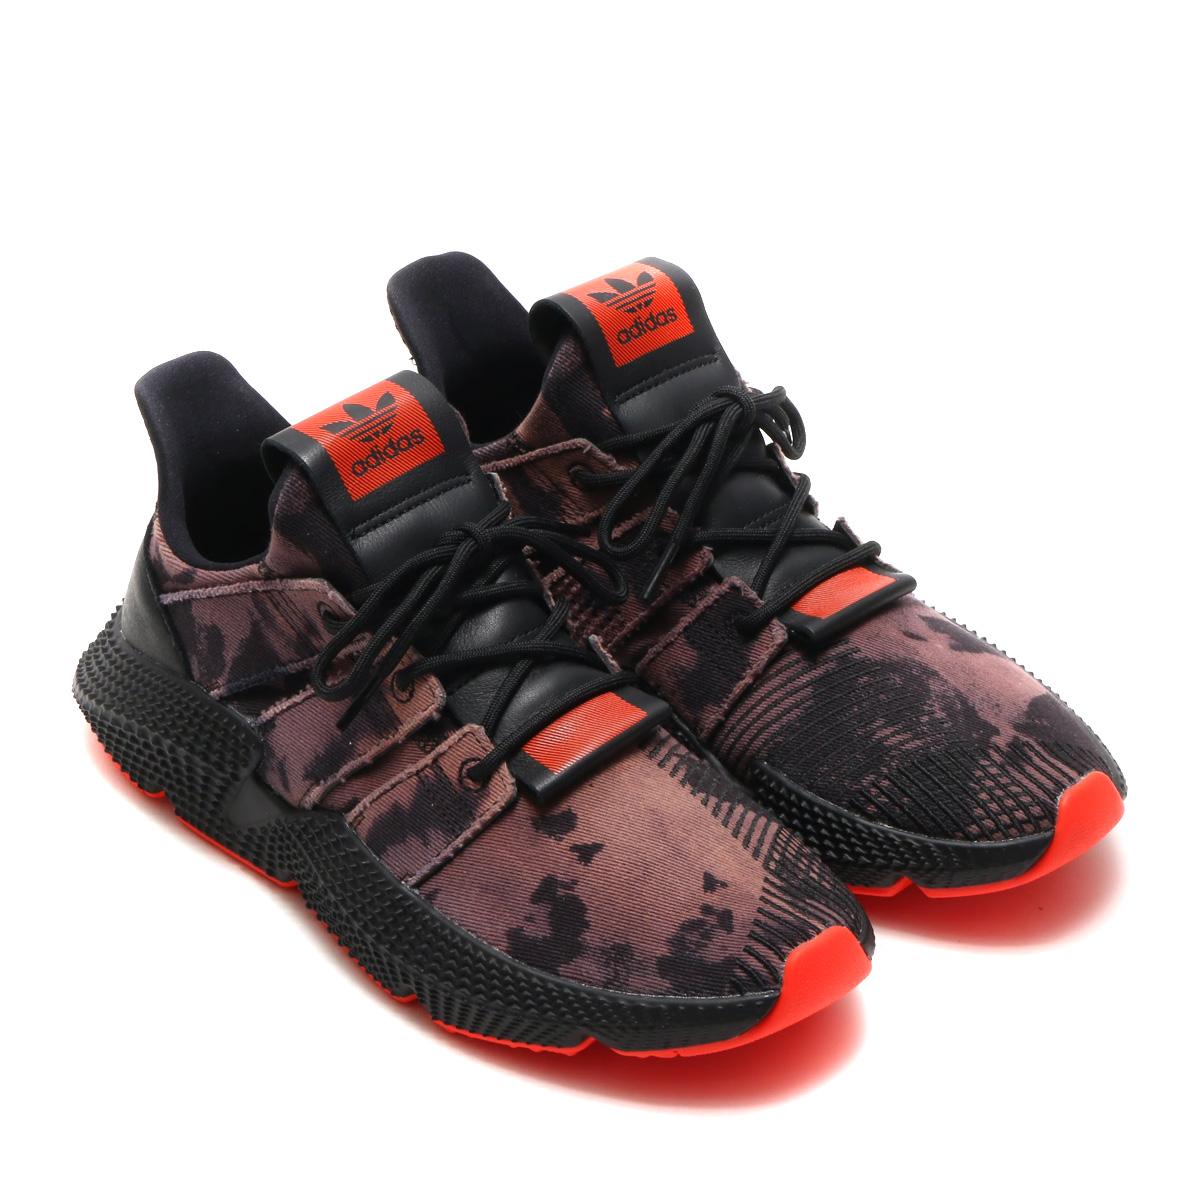 特別セーフ adidas Red18SP-S Originals PROPHERE(アディダス オリジナルス プロフィア) プロフィア) Core Core Black/Core Black/Solar Red18SP-S, エクセルワールド:0880e745 --- paulogalvao.com